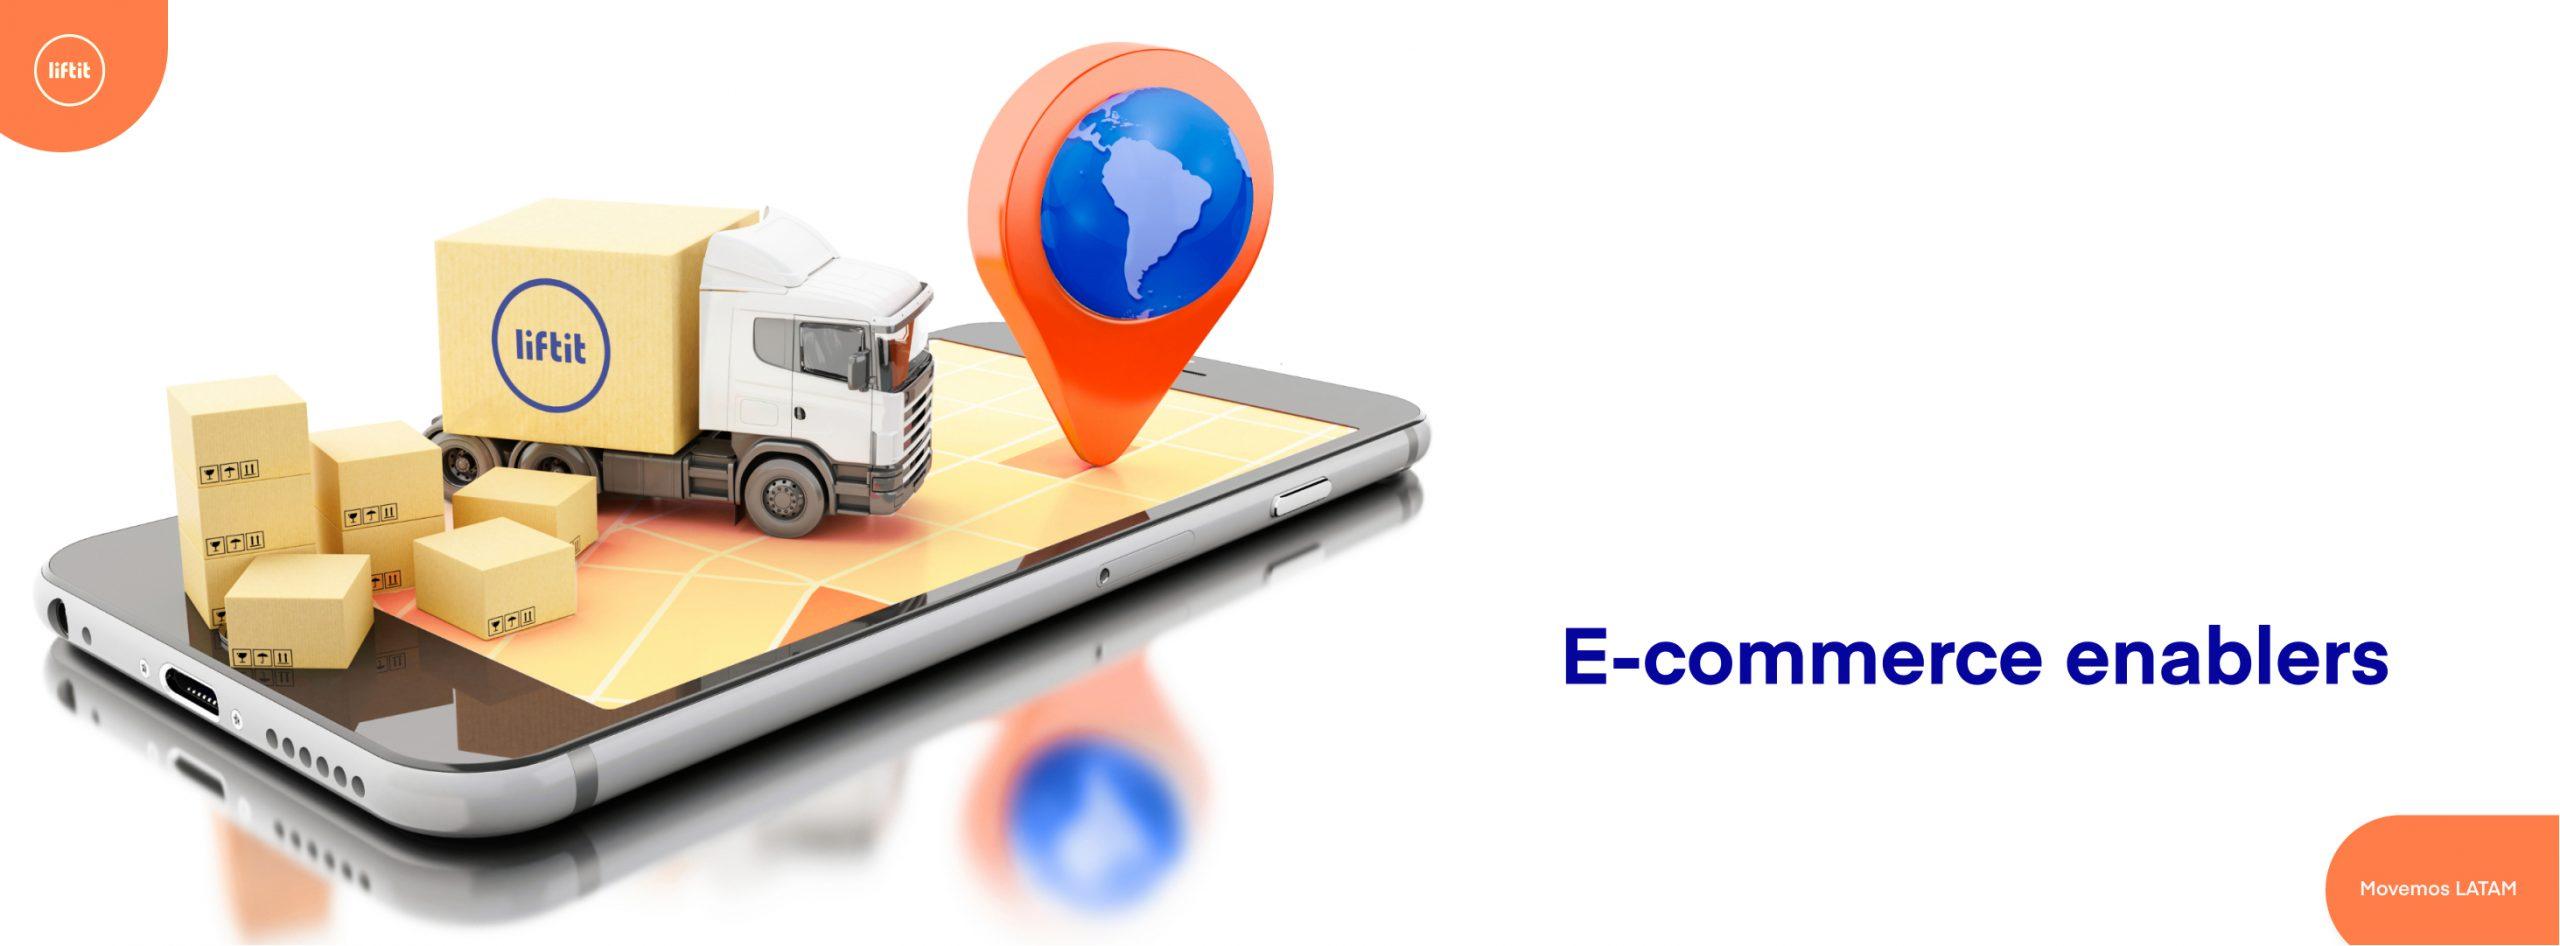 Logística; habilitador del e-commerce